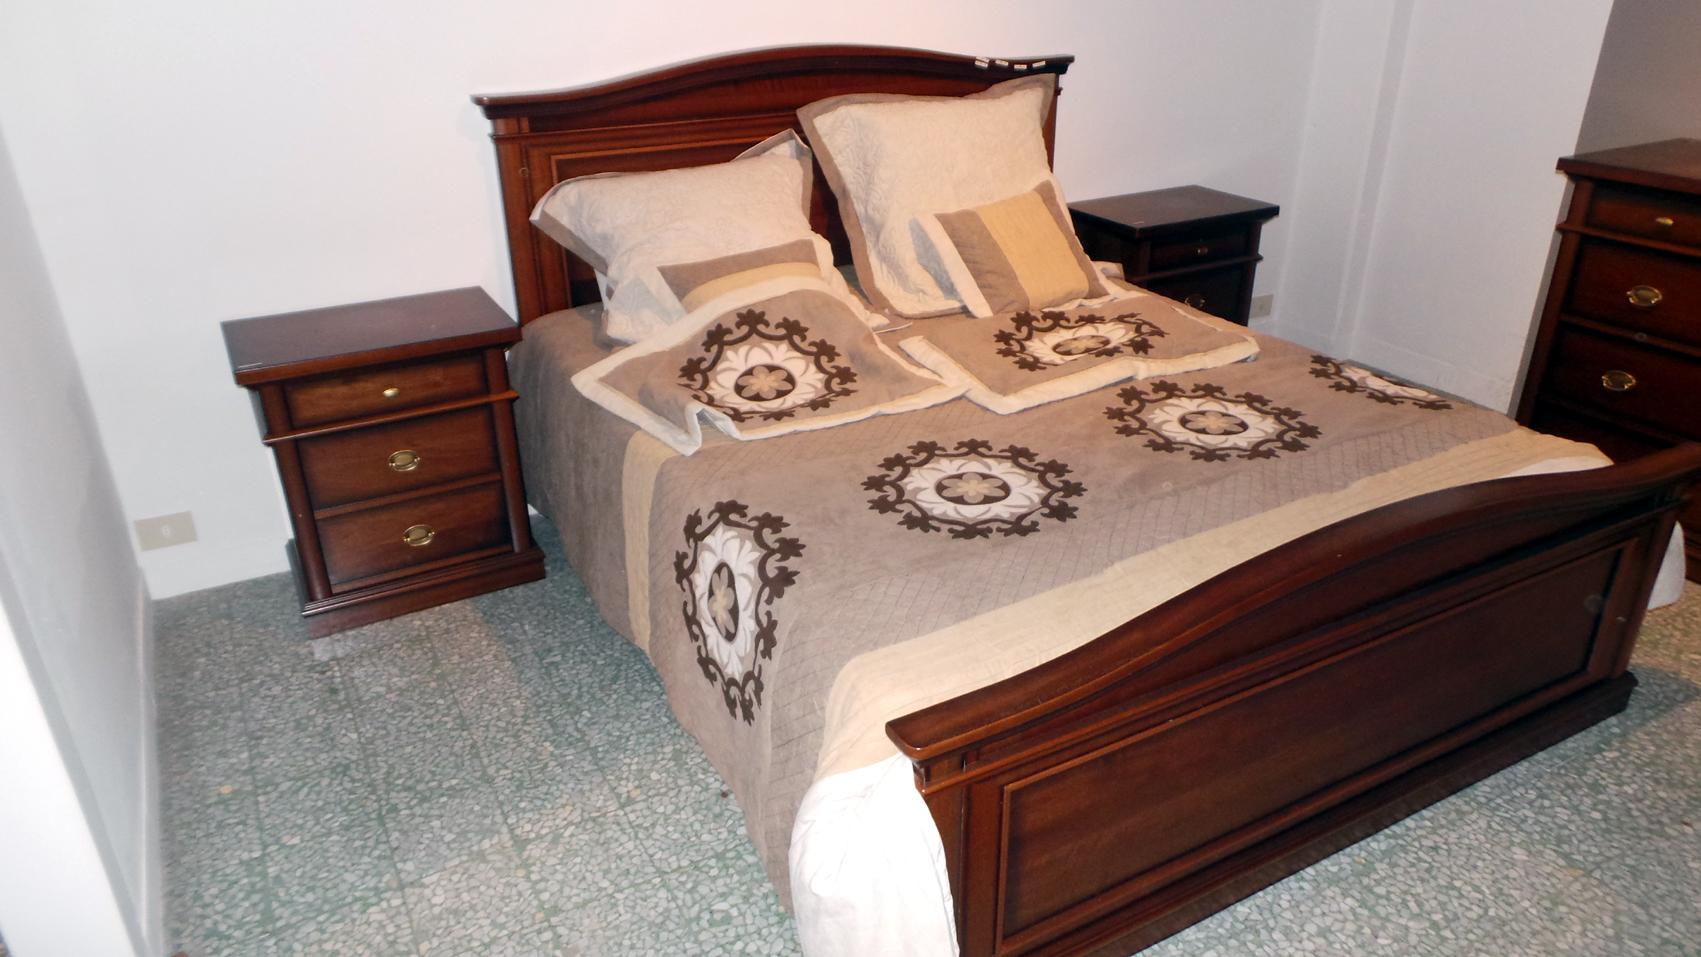 Oggetti di arredamento per camera da letto - Oggetti per la camera da letto ...